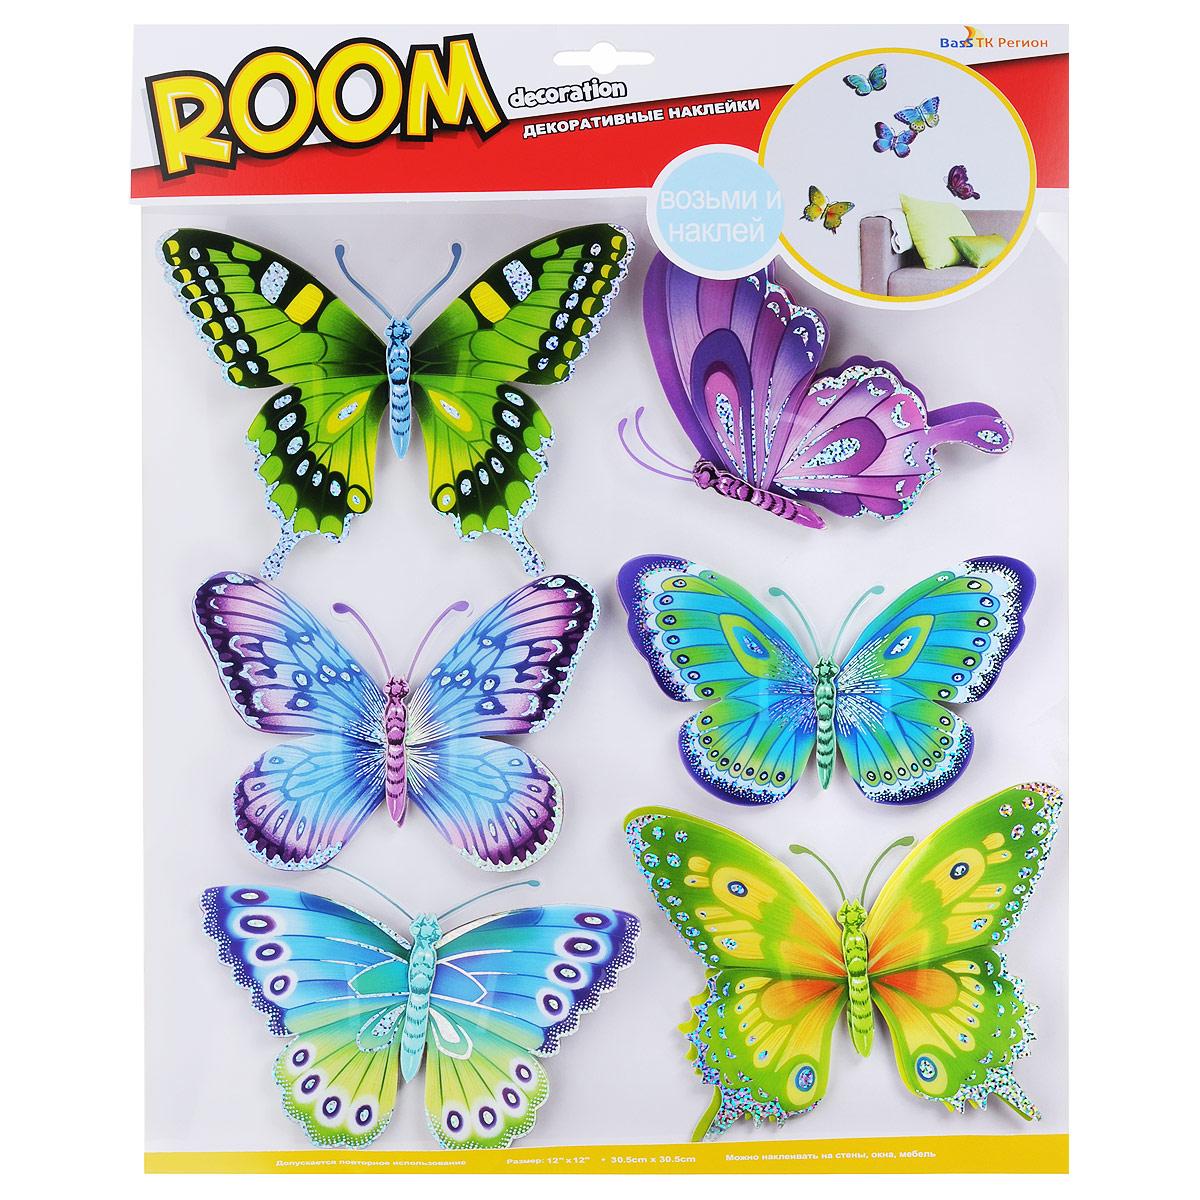 Наклейки для интерьера Room Decoration Блестящие бабочки, 30,5 х 30,5 смПР01042Наклейки для стен и предметов интерьера Room Decoration Блестящие бабочки, изготовленные из экологически безопасной самоклеящейся виниловой пленки - это удивительно простой и быстрый способ оживить интерьер помещения. На одном листе расположены 6 наклеек в виде бабочек с серебристыми переливающимися вставками.Интерьерные наклейки дадут вам вдохновение, которое изменит вашу жизнь и поможет погрузиться в мир ярких красок, фантазий и творчества. Для вас открываются безграничные возможности придумать оригинальный дизайн и придать новый вид стенам и мебели. Наклейки абсолютно безопасны для здоровья. Они быстро и легко наклеиваются на любые ровные поверхности: стены, окна, двери, кафельную плитку, виниловые и флизелиновые обои, стекла, мебель. При необходимости удобно снимаются, не оставляют следов и не повреждают поверхность (кроме бумажных обоев). Наклейки Room Decoration Блестящие бабочки помогут вам изменить интерьер вокруг себя: в детской комнате и гостиной, на кухне и в прихожей, витрину кафе и магазина, детский садик и офис.